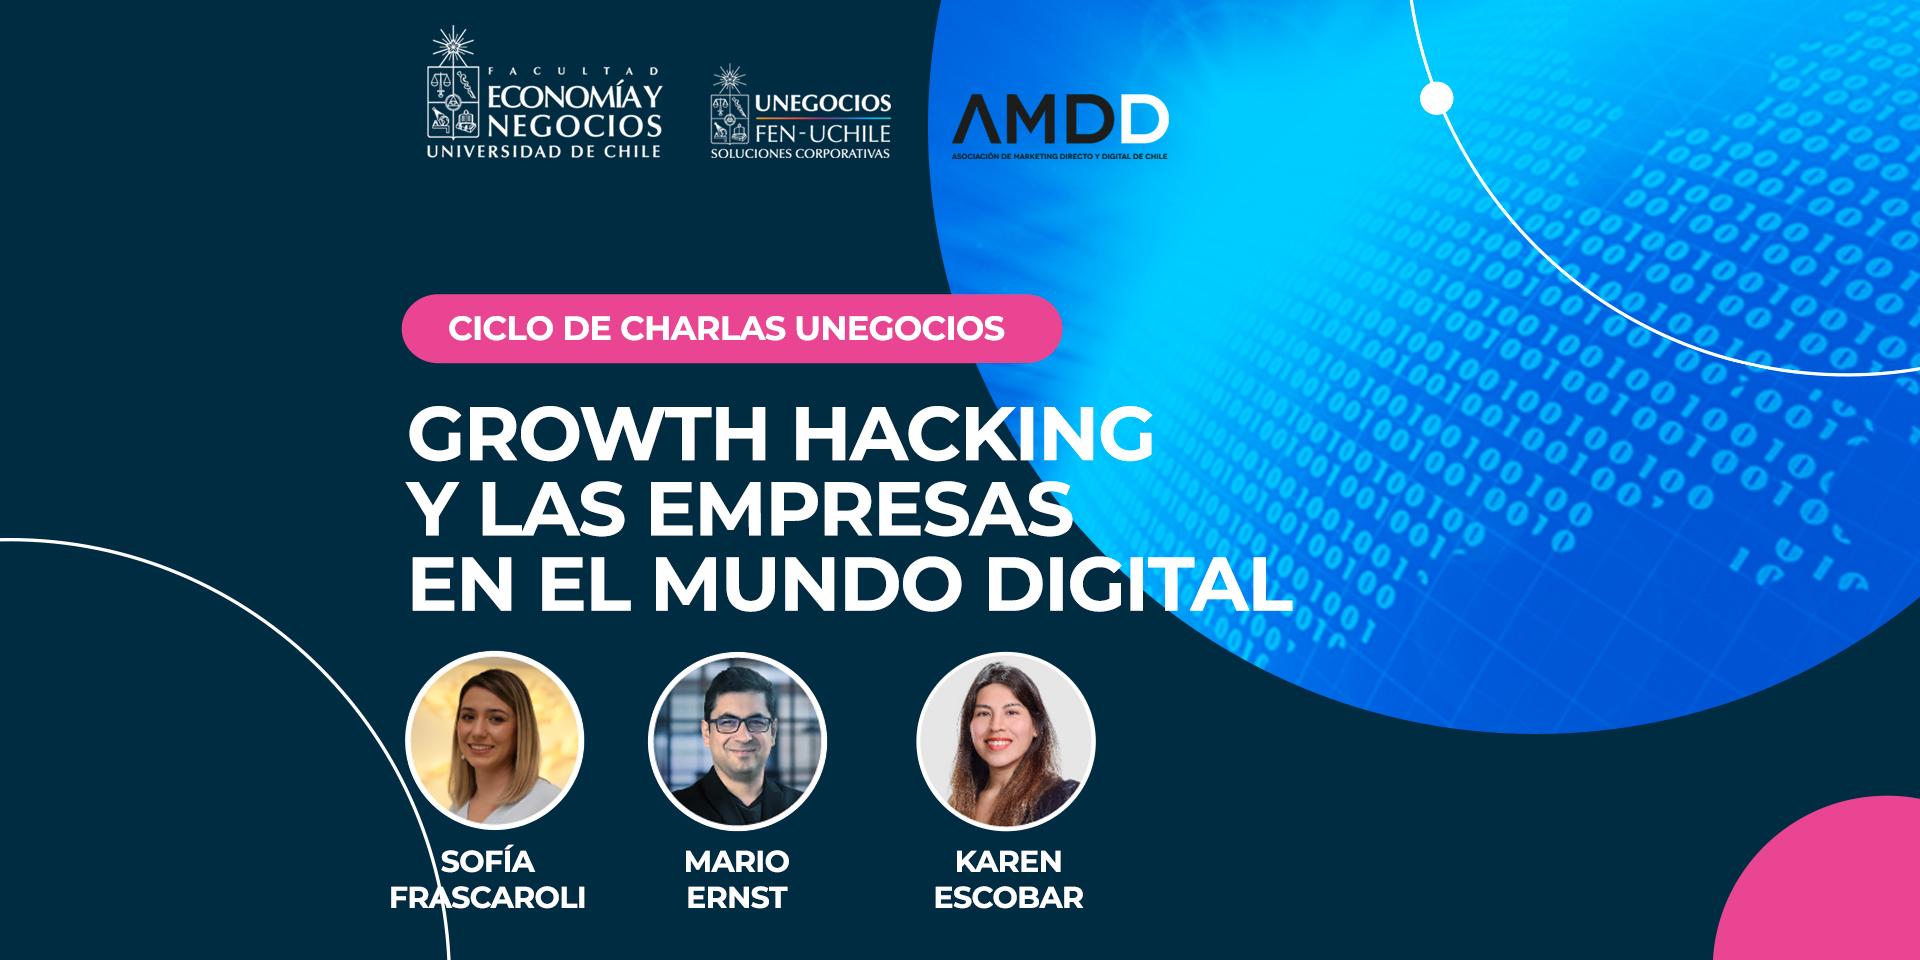 Unegocios - AMDD_charla growth hacking